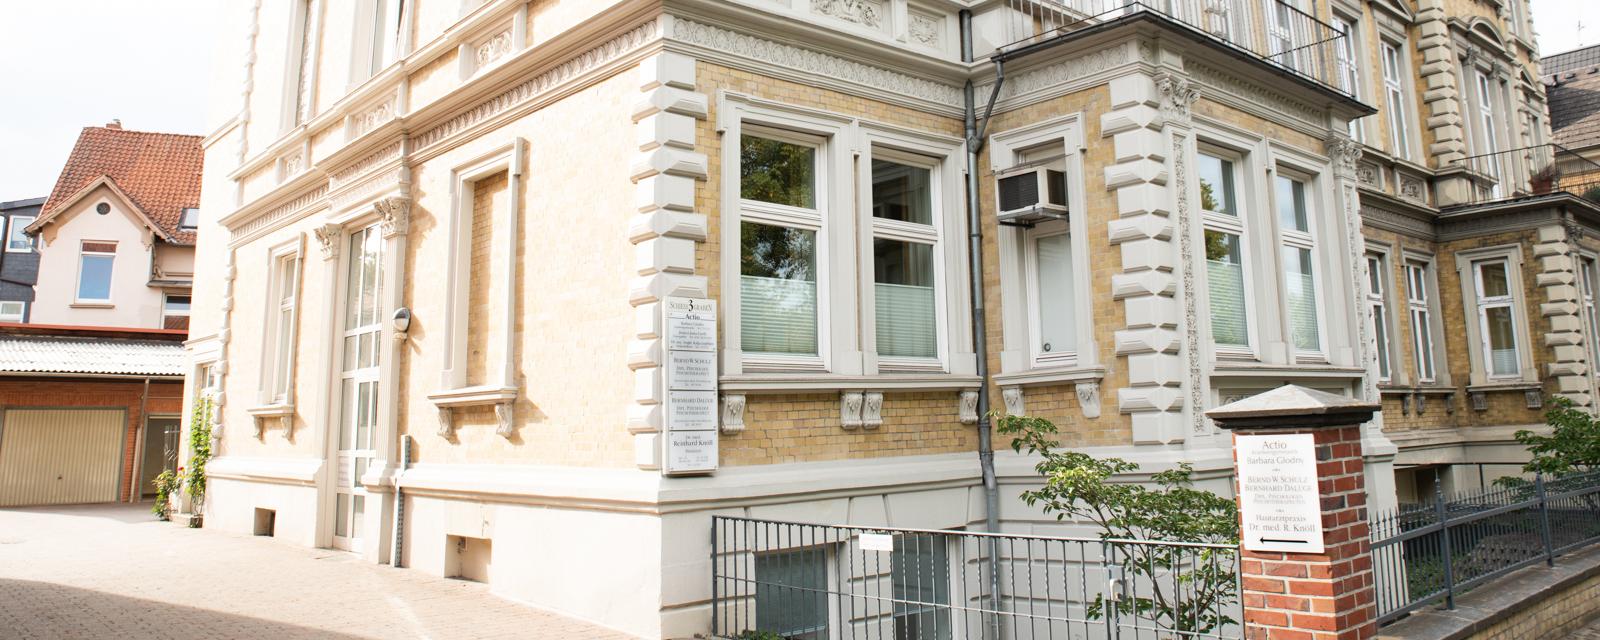 Unsere Praxis - Dr. med Reinhard Knöll - Hautarztpraxis Lüneburg